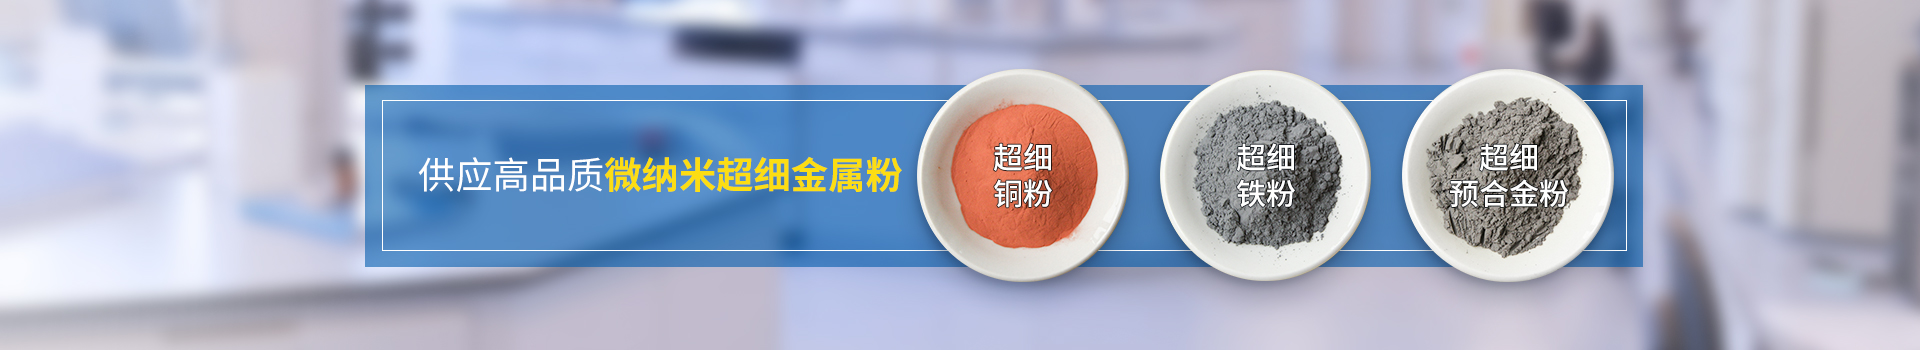 世佳微尔供应高品质微纳米超细金属粉